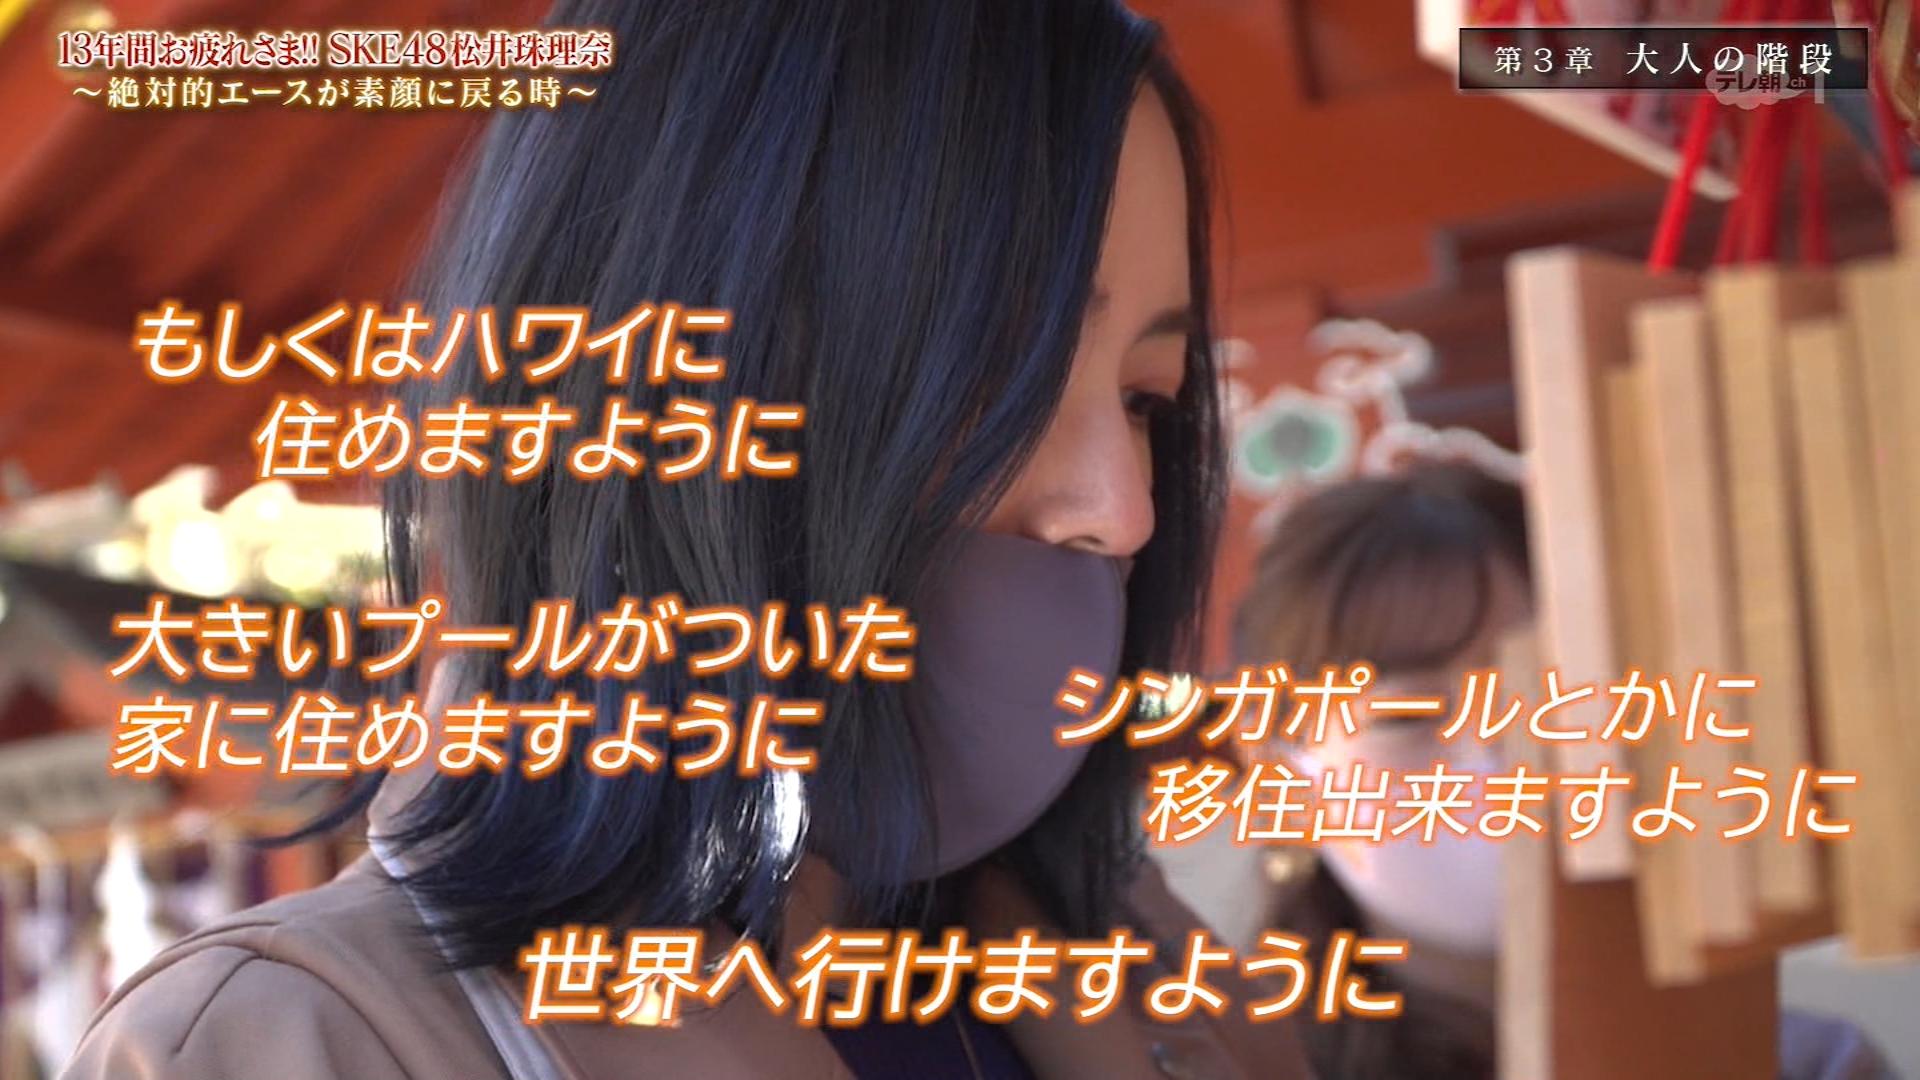 松井珠理奈さん「AKBの選抜は自分から入りたくないと言った」「めちゃくちゃ働く人と結婚したい」